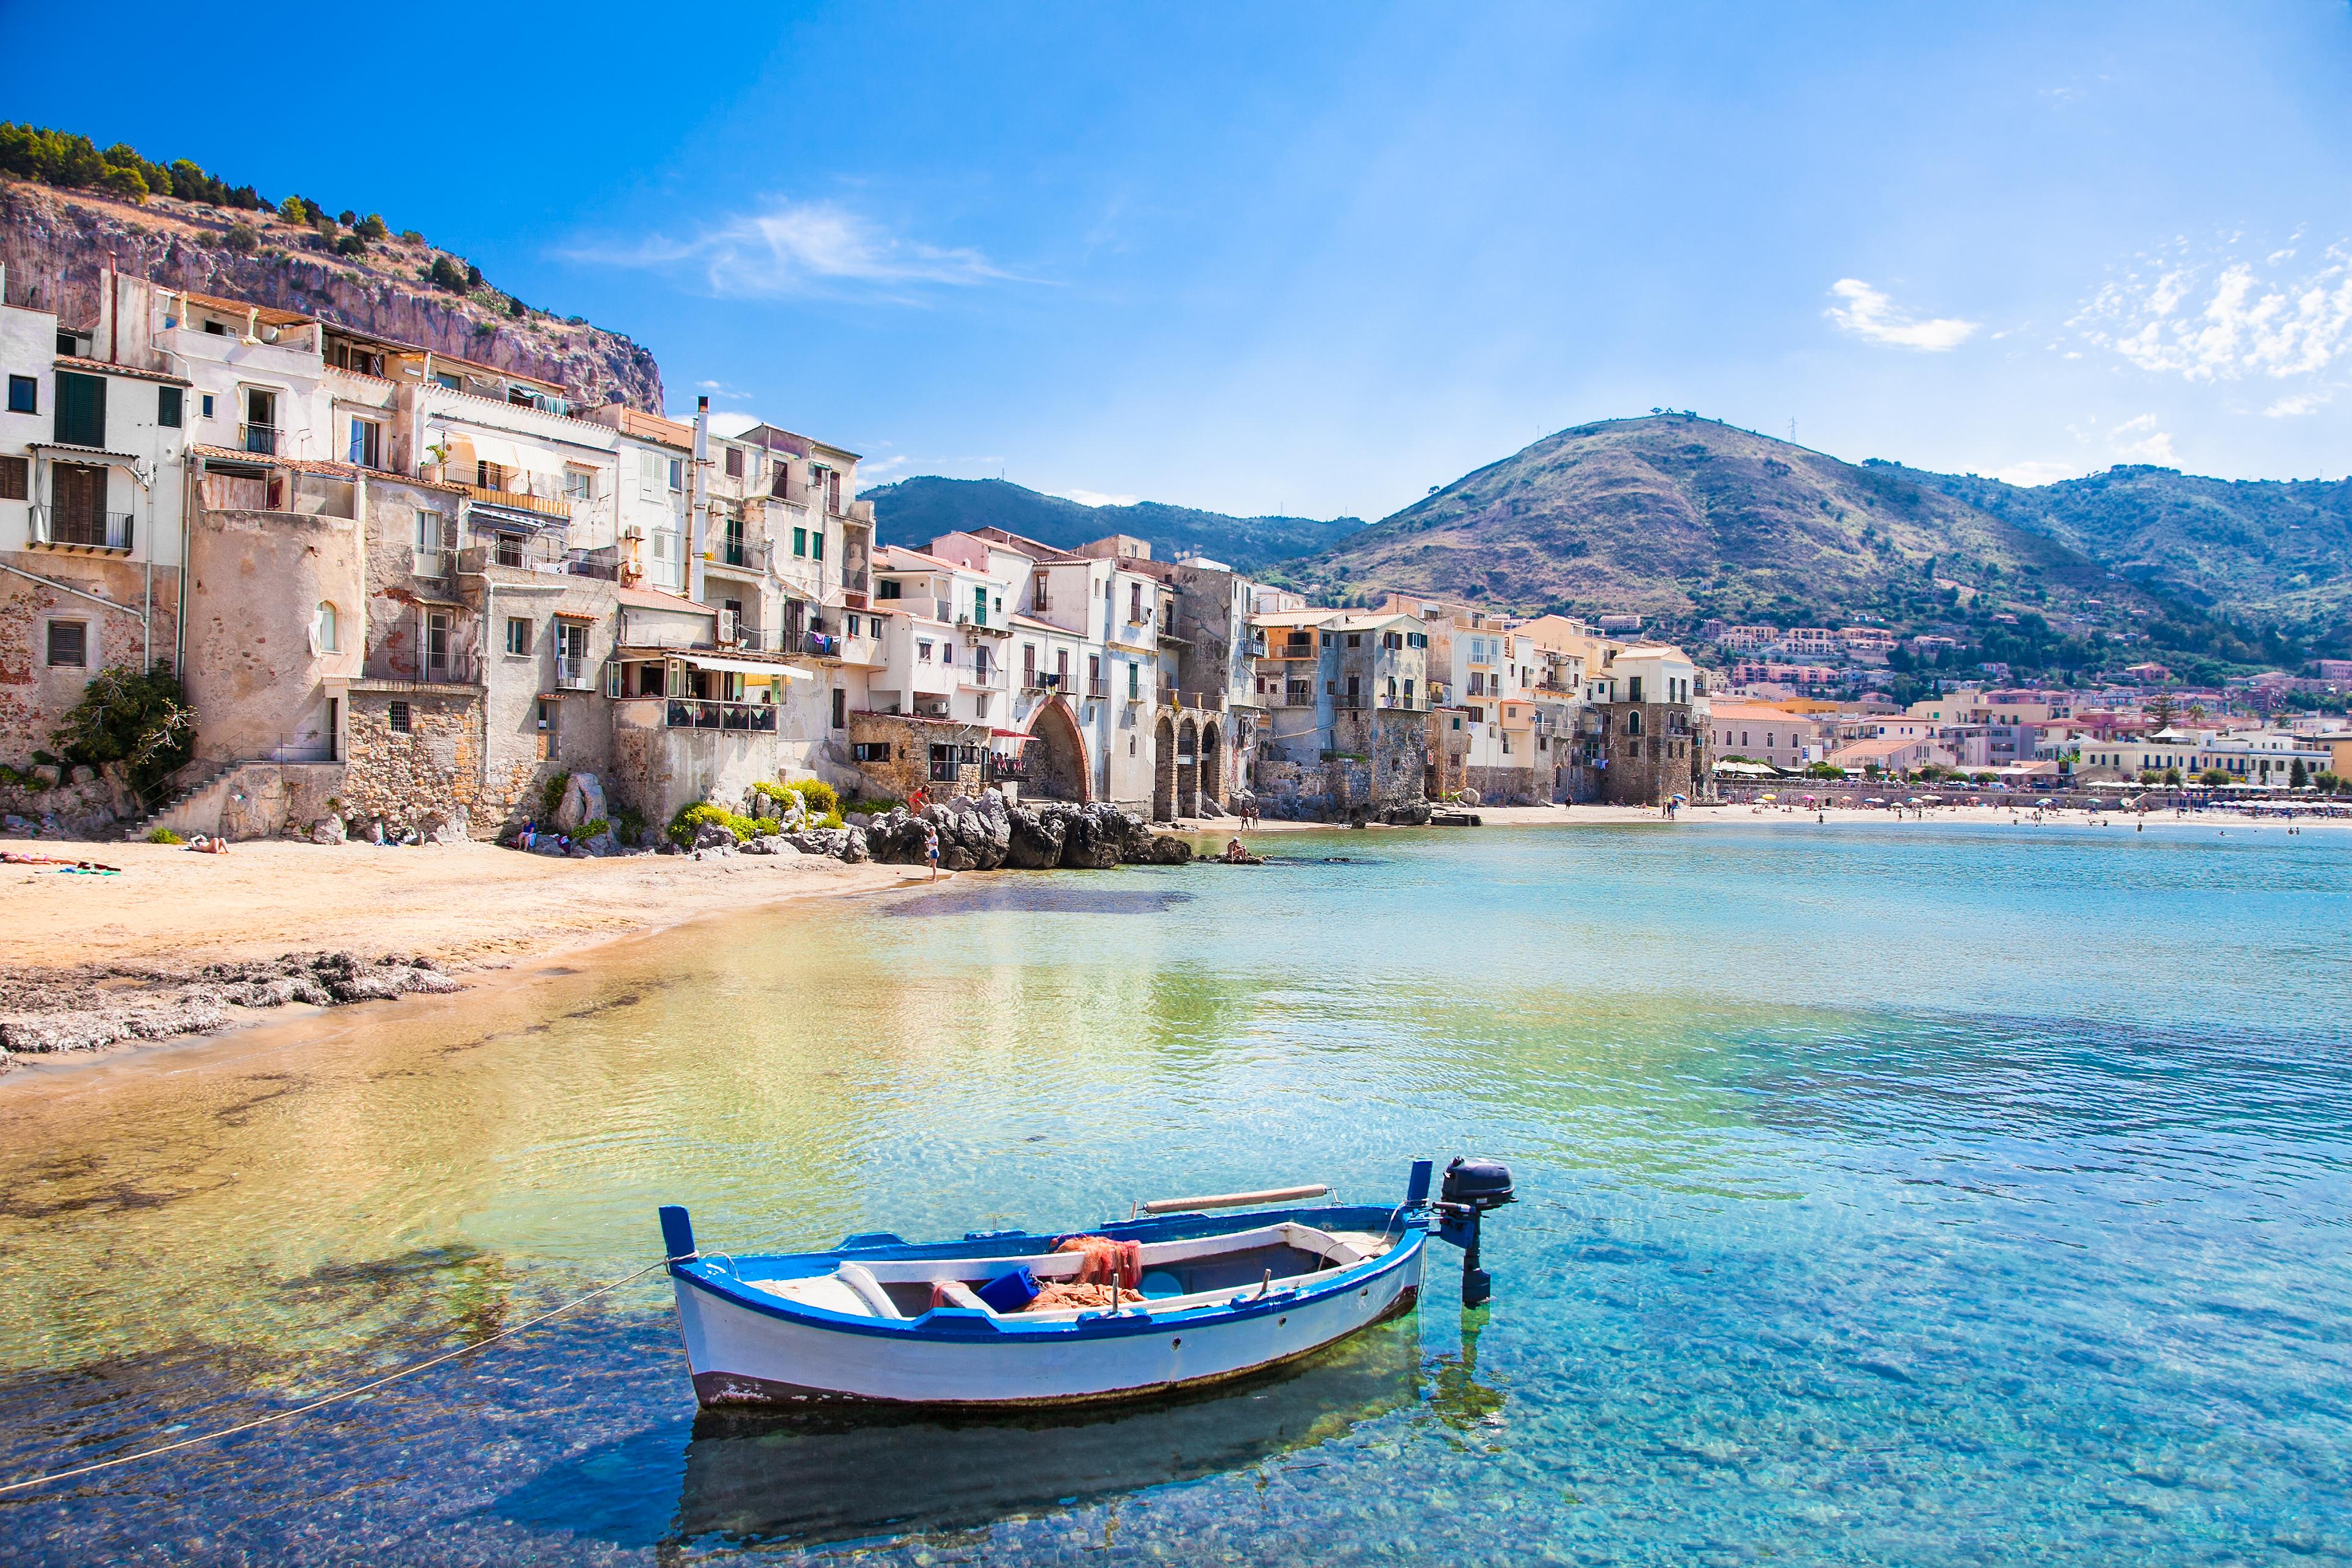 Disfruta del sol y el mar en las bellas playas de Cefalú - Italia Circuito Sicilia Clásica y Nápoles